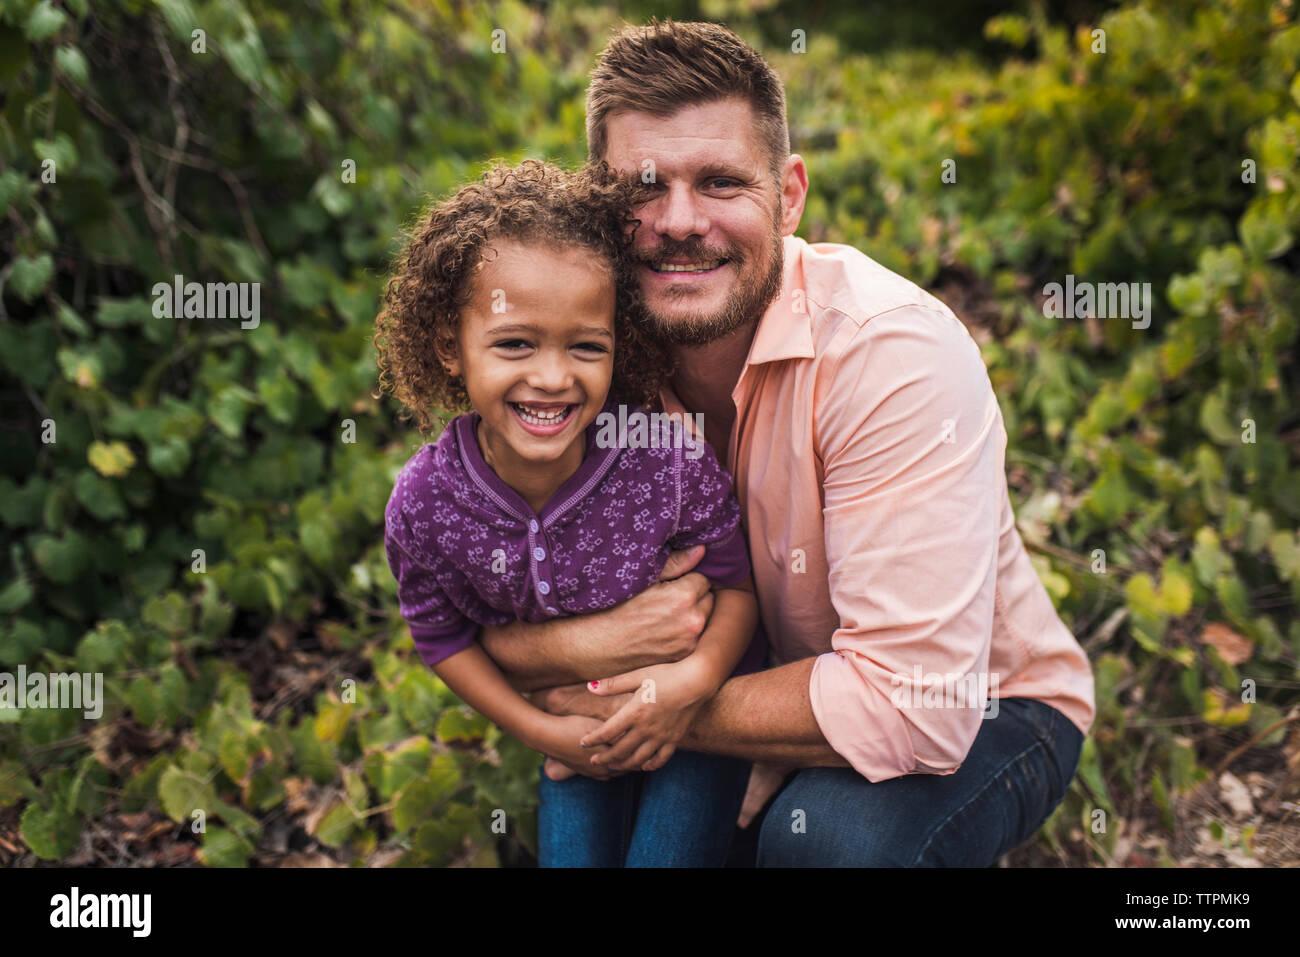 Portrait du Père embrassant heureux fille tout en s'agenouillant contre des plantes dans le parc Banque D'Images